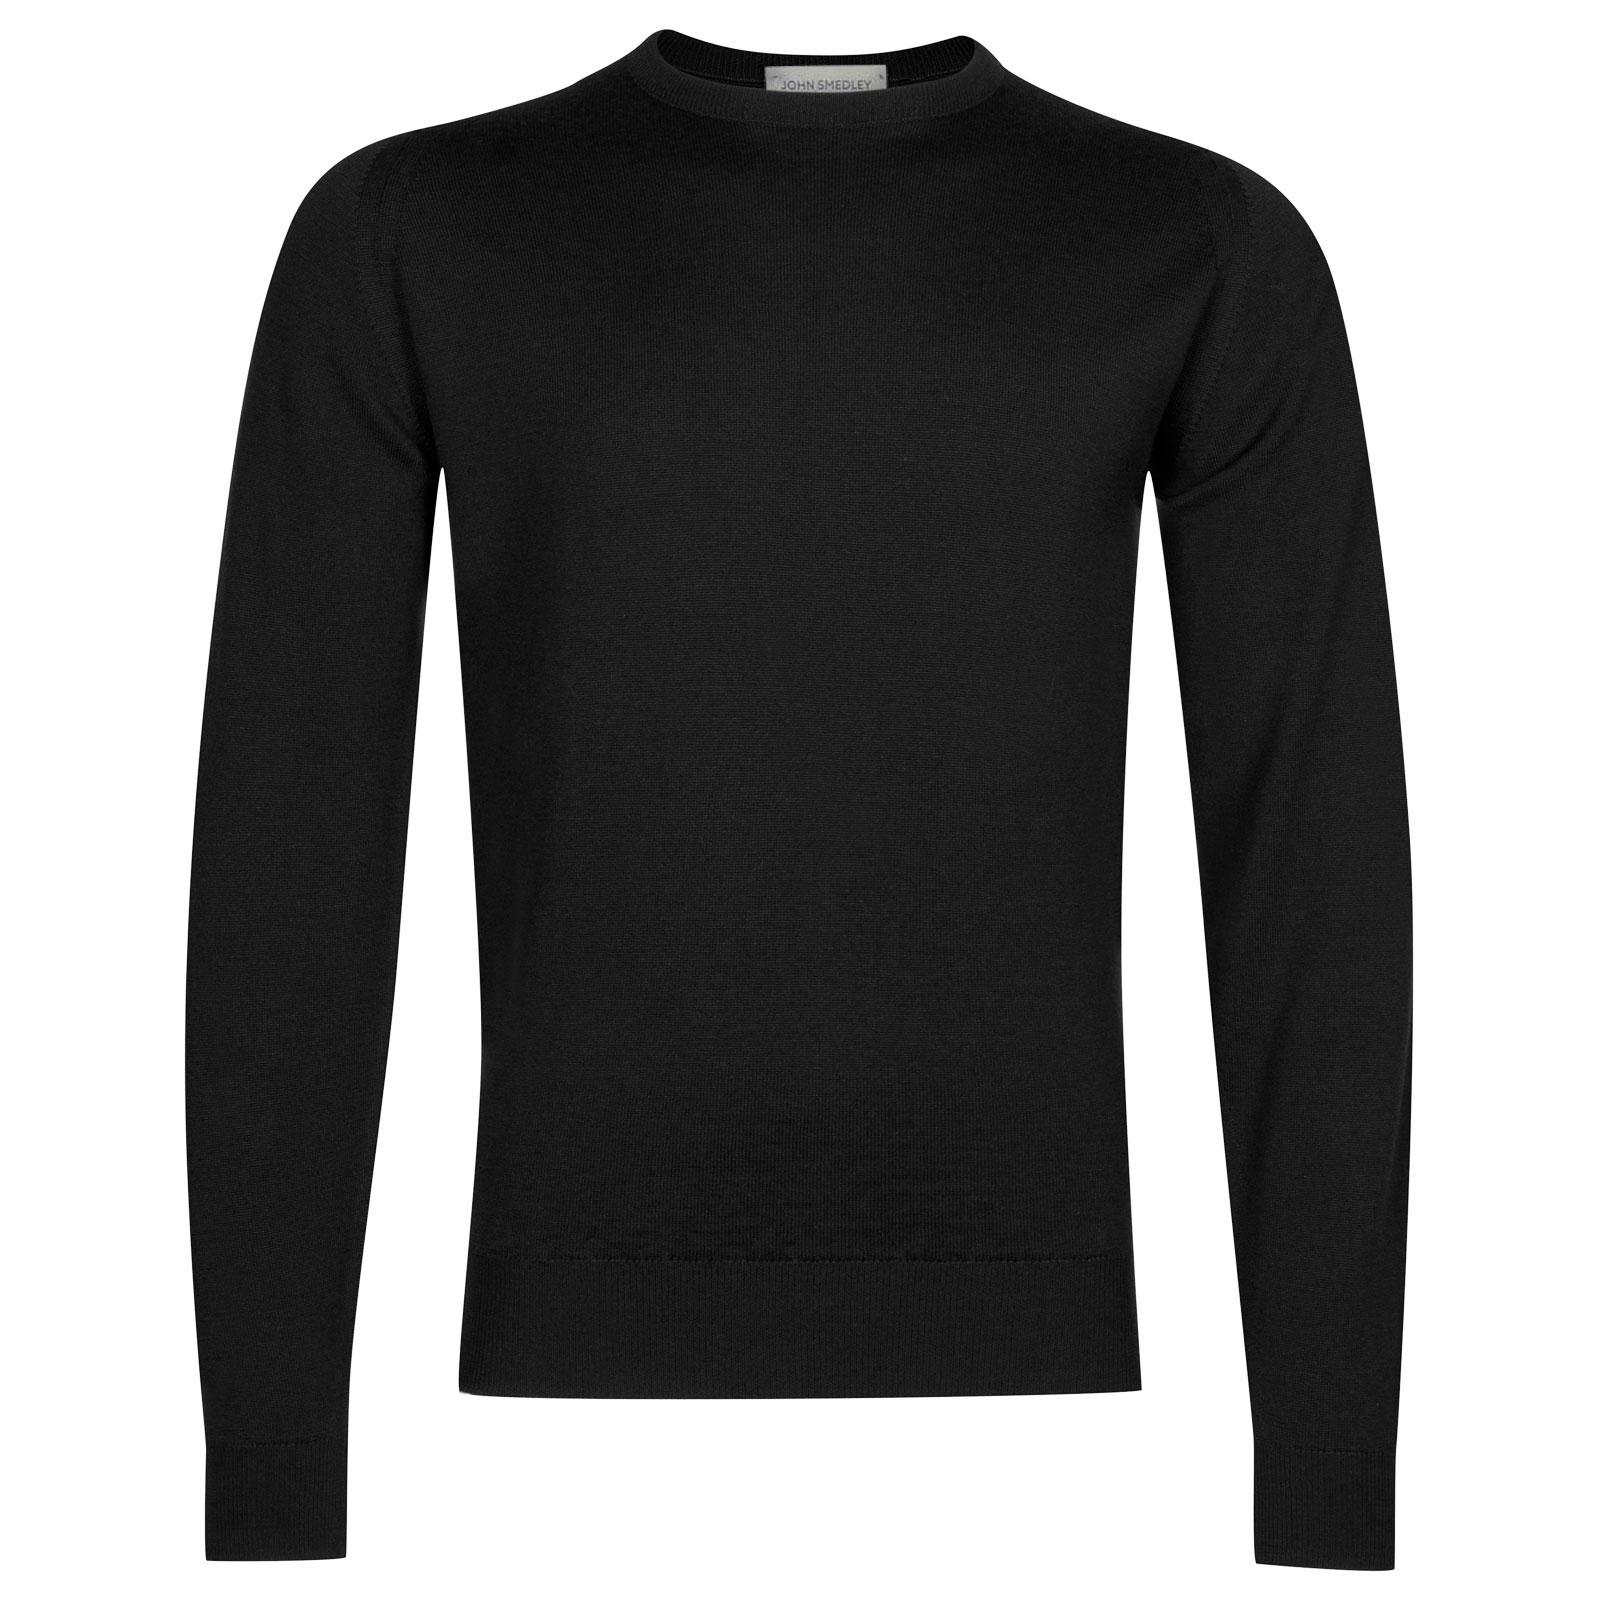 John Smedley Farhill Merino Wool Pullover in Black-L